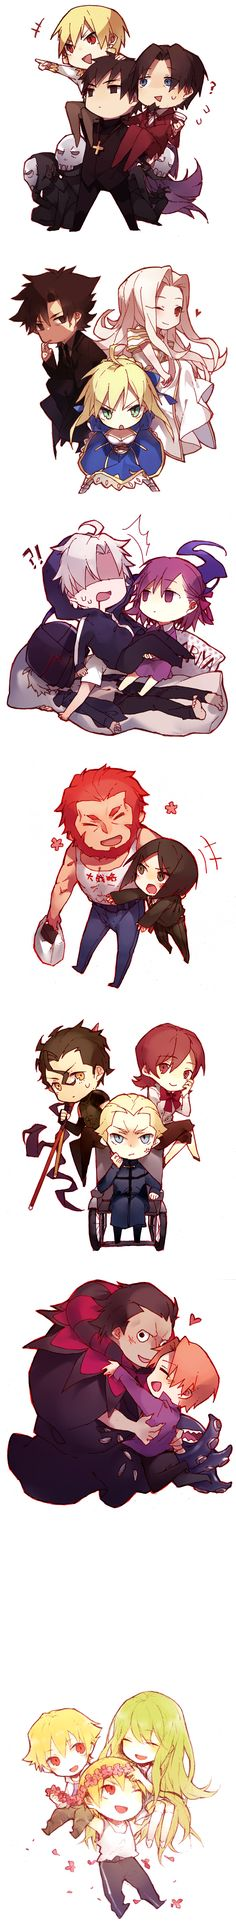 Fate/Zero, Fate/strange fake, & Fate/hollow ataraxia